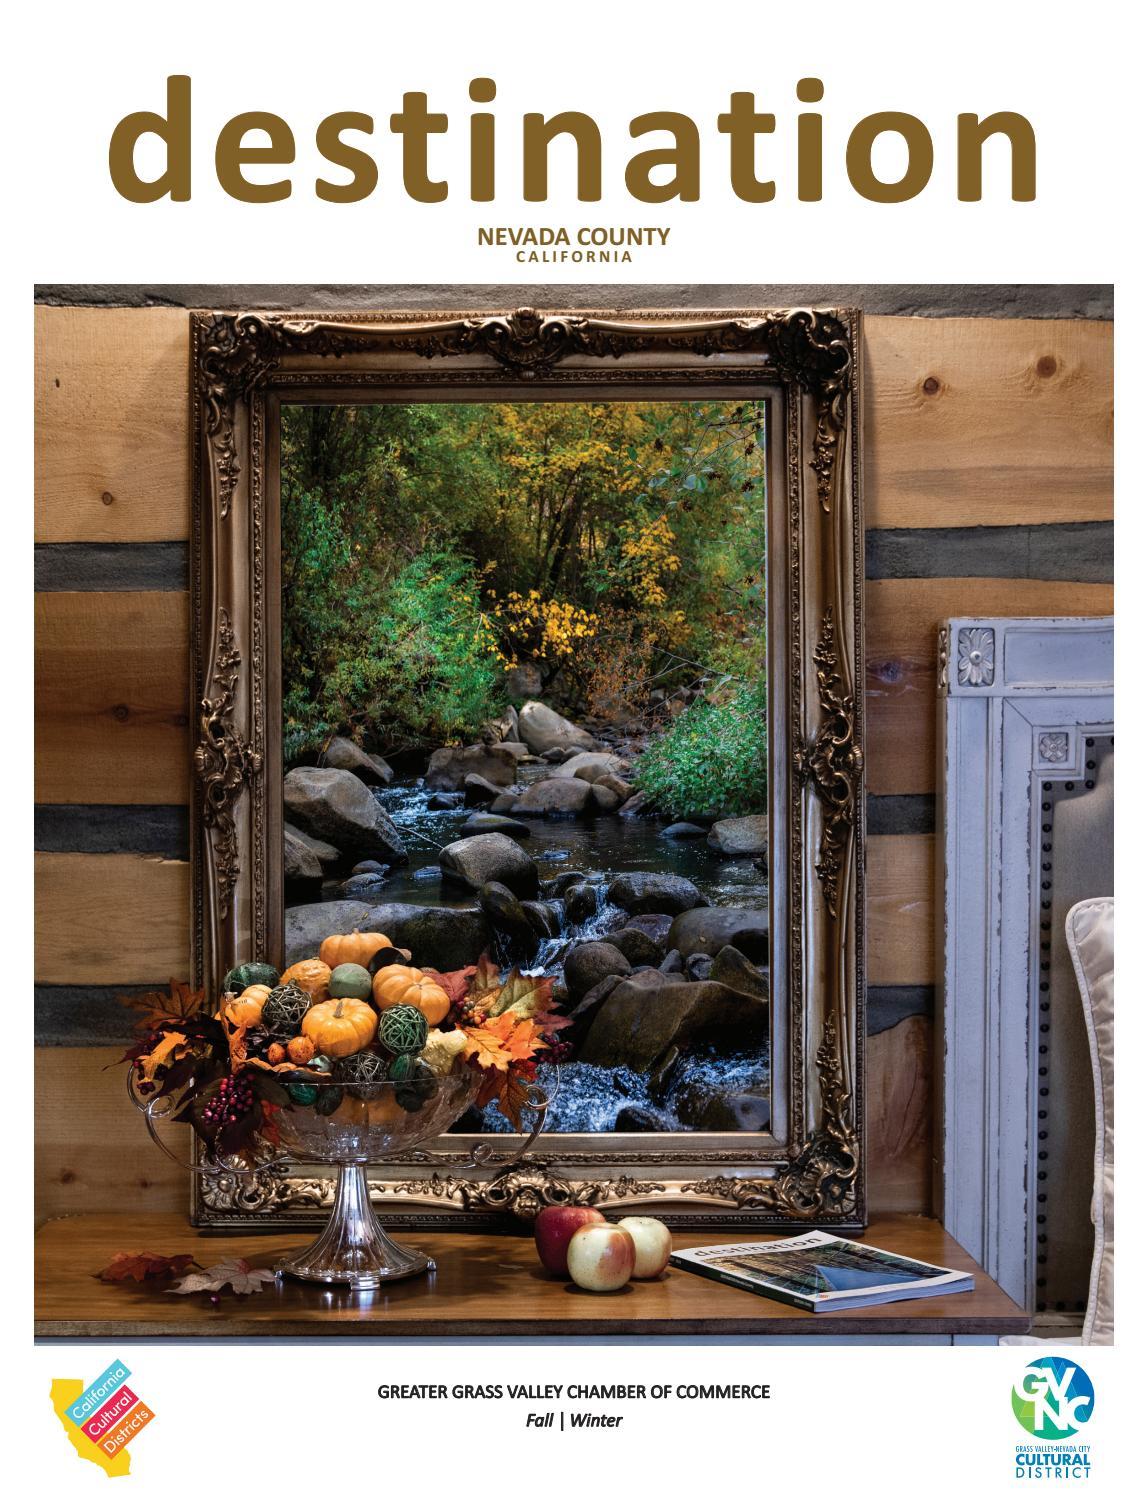 2019 Destination Nevada County Winter Magazine By Grassvalleychamber Issuu